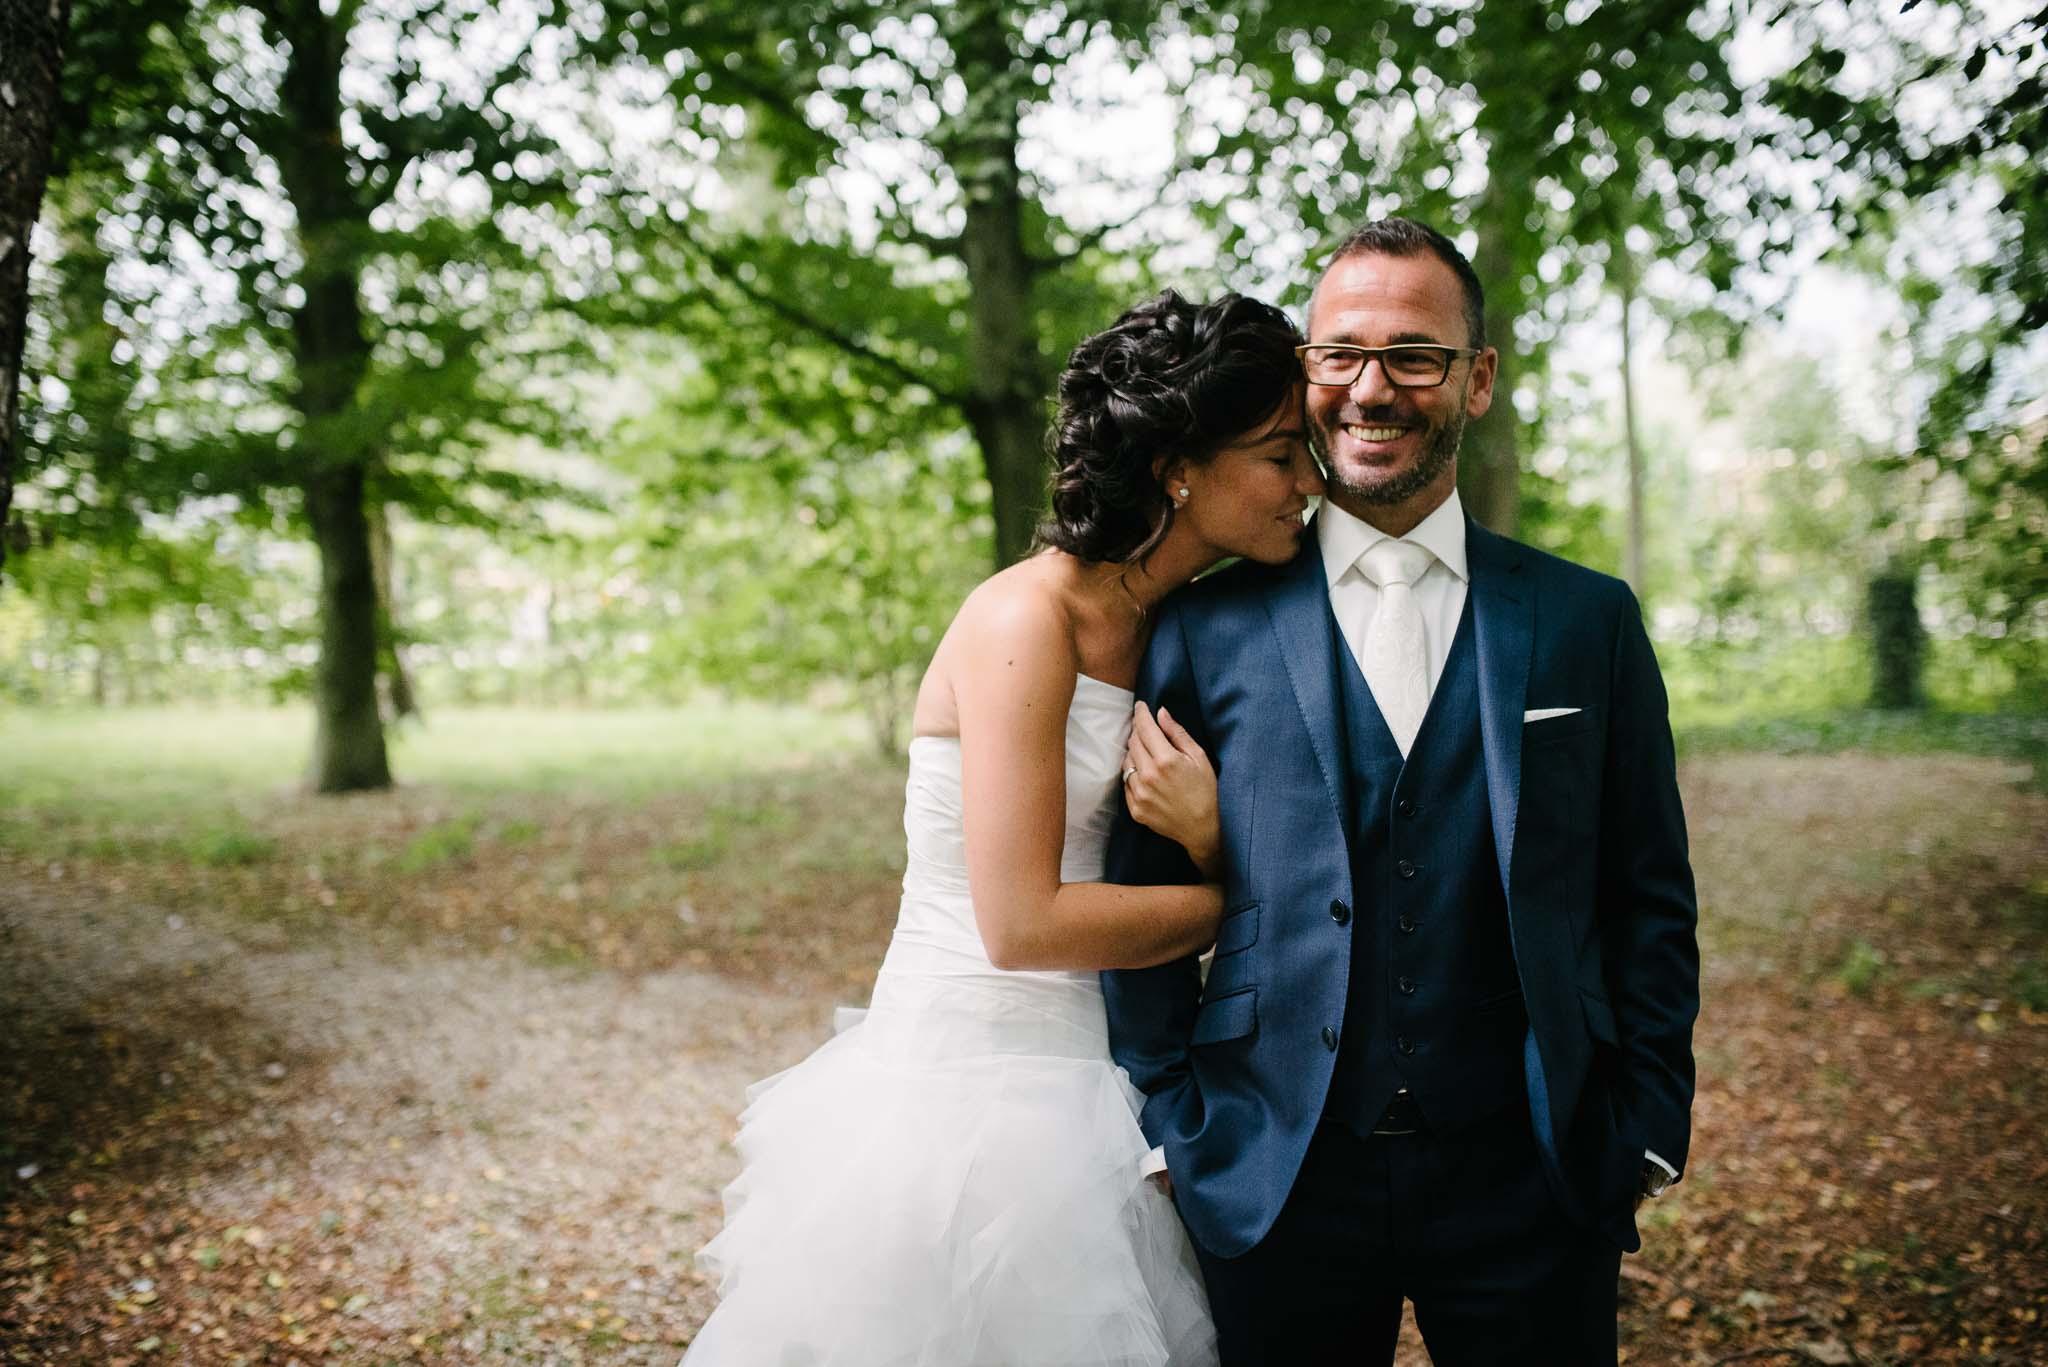 bruidsfotograaf eindhoven fotoshoot bruidspaar natuurlijke foto's